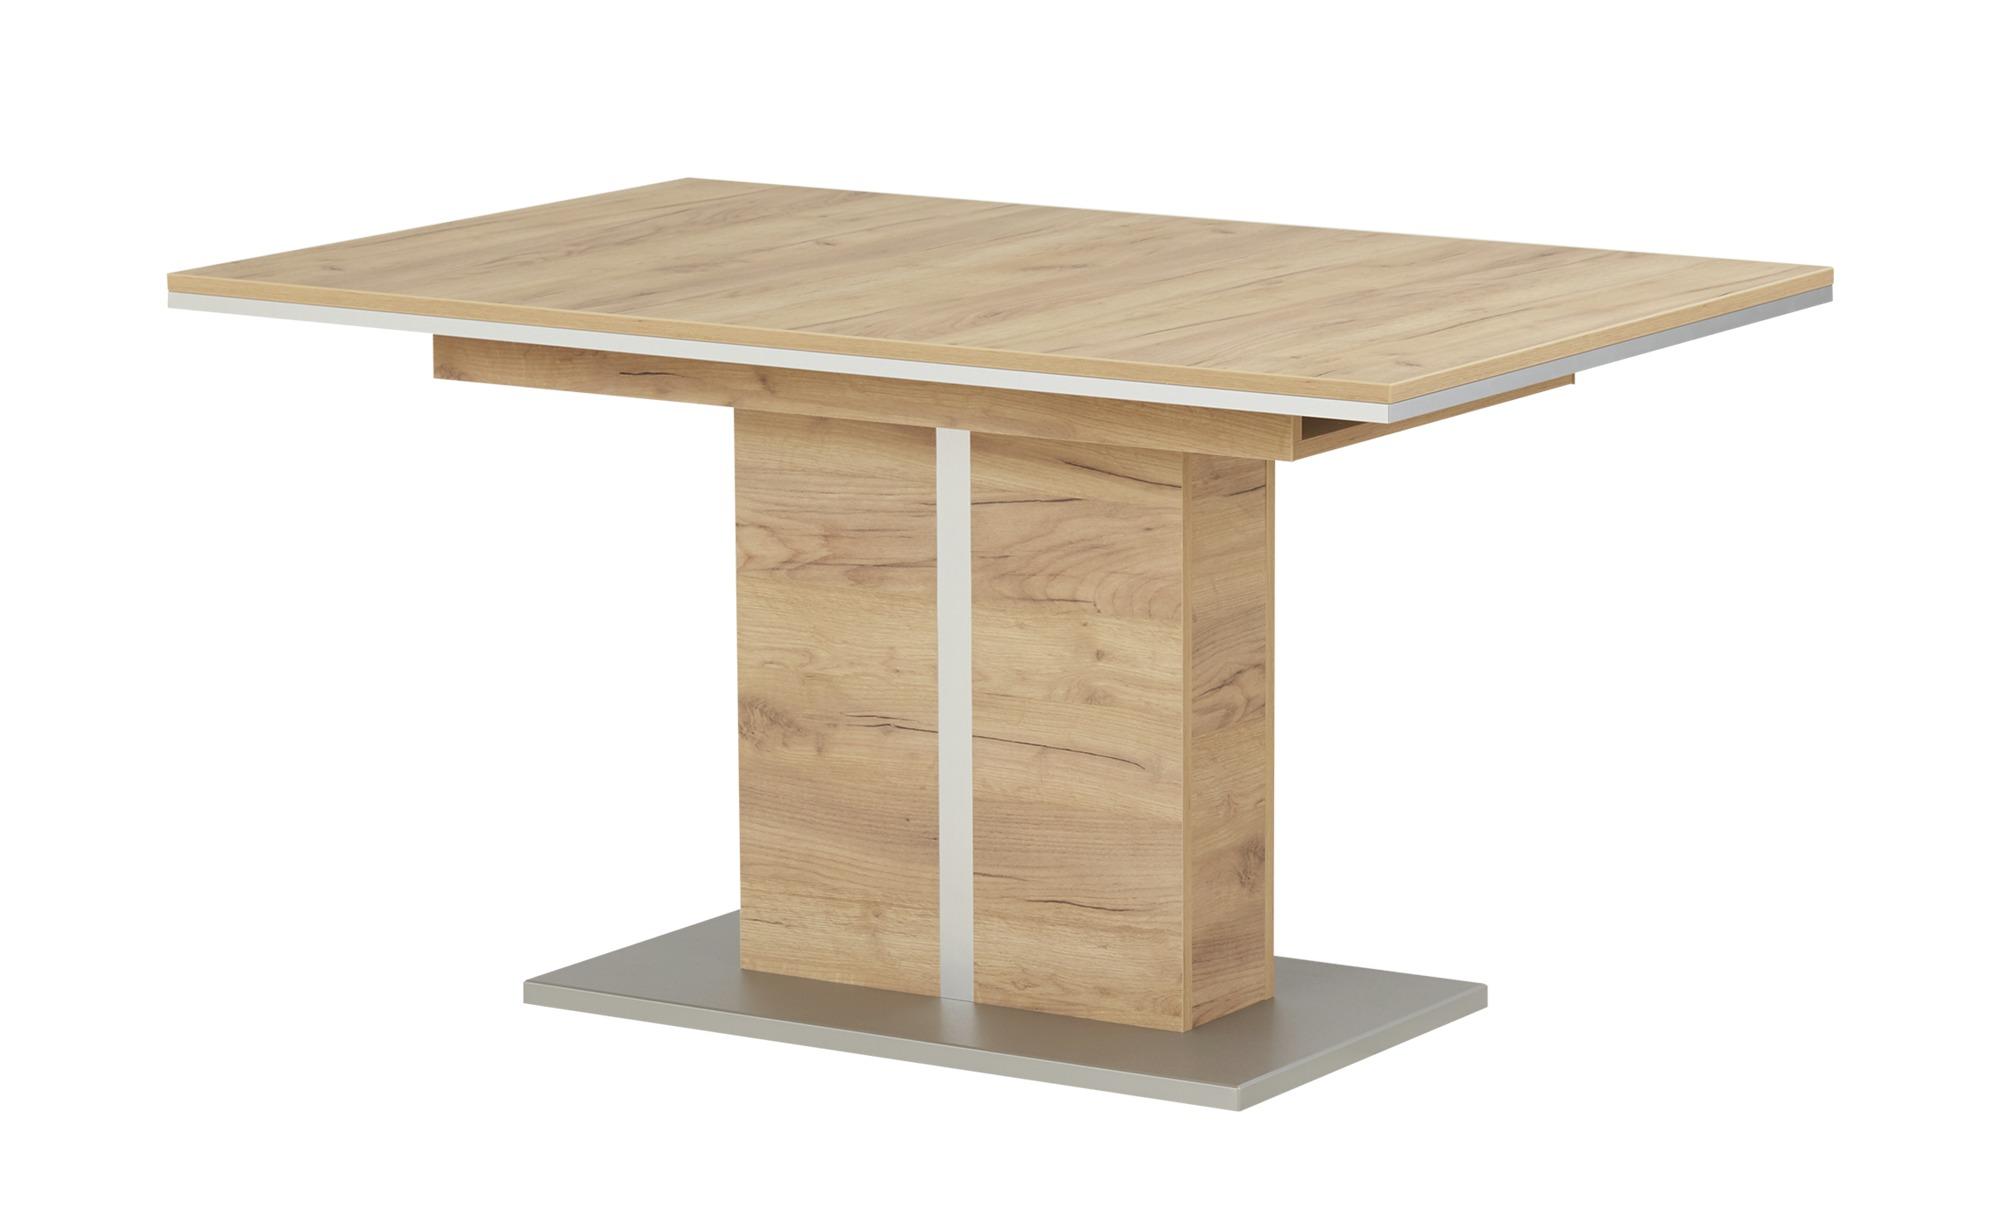 Esstisch  Lilly ¦ Maße (cm): B: 90 H: 77 Tische > Esstische > Esstische ausziehbar - Höffner